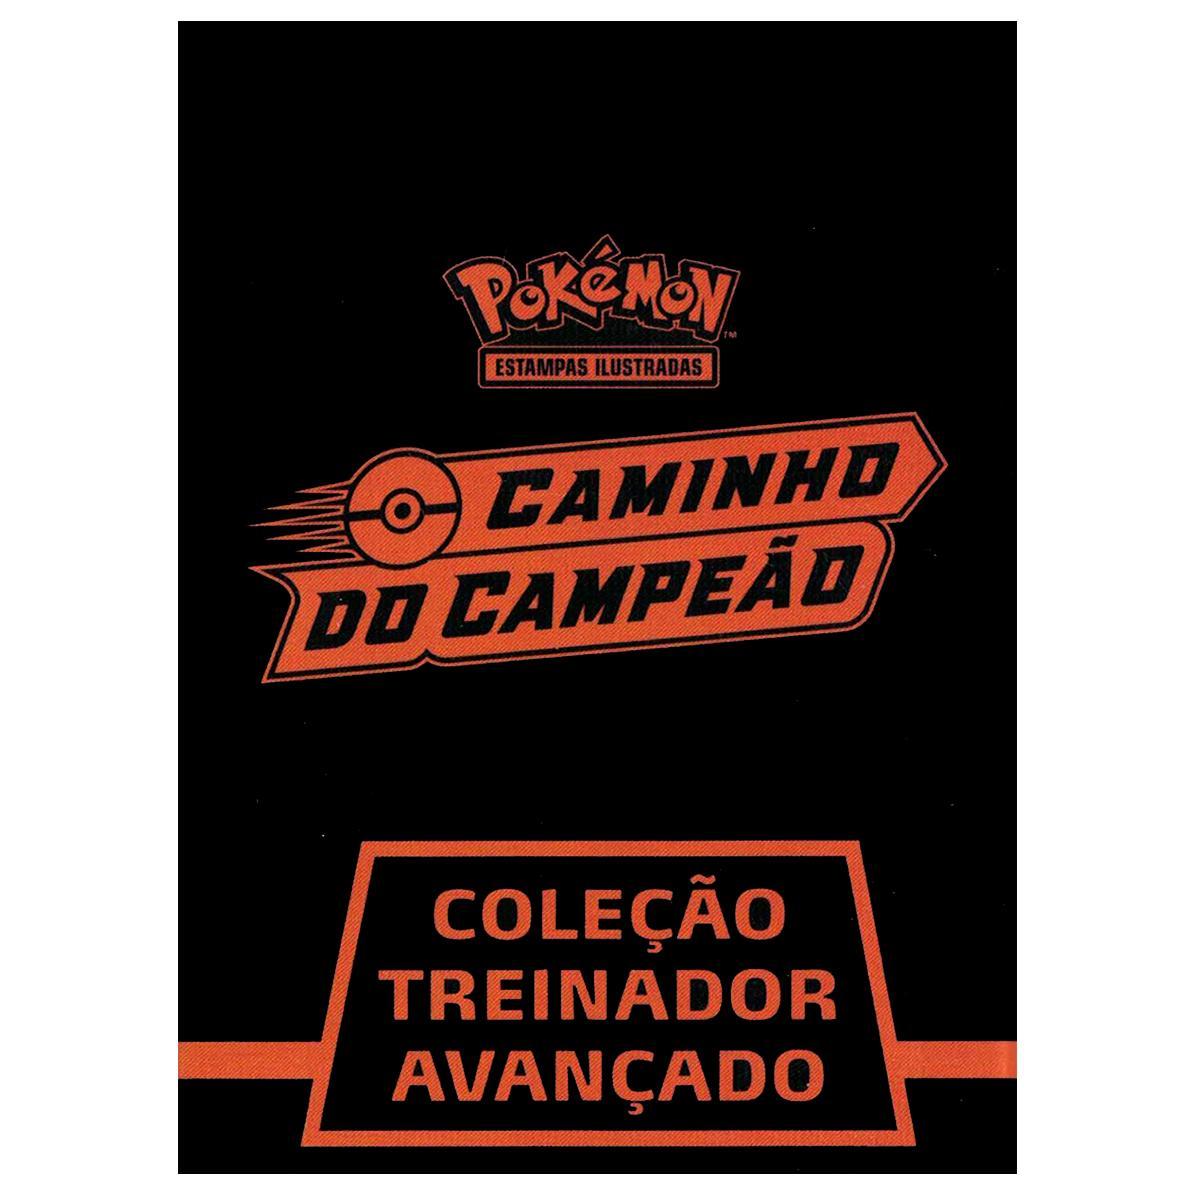 Box Pokémon Treinador Avançado Caminho do Campeão Elite Trainer